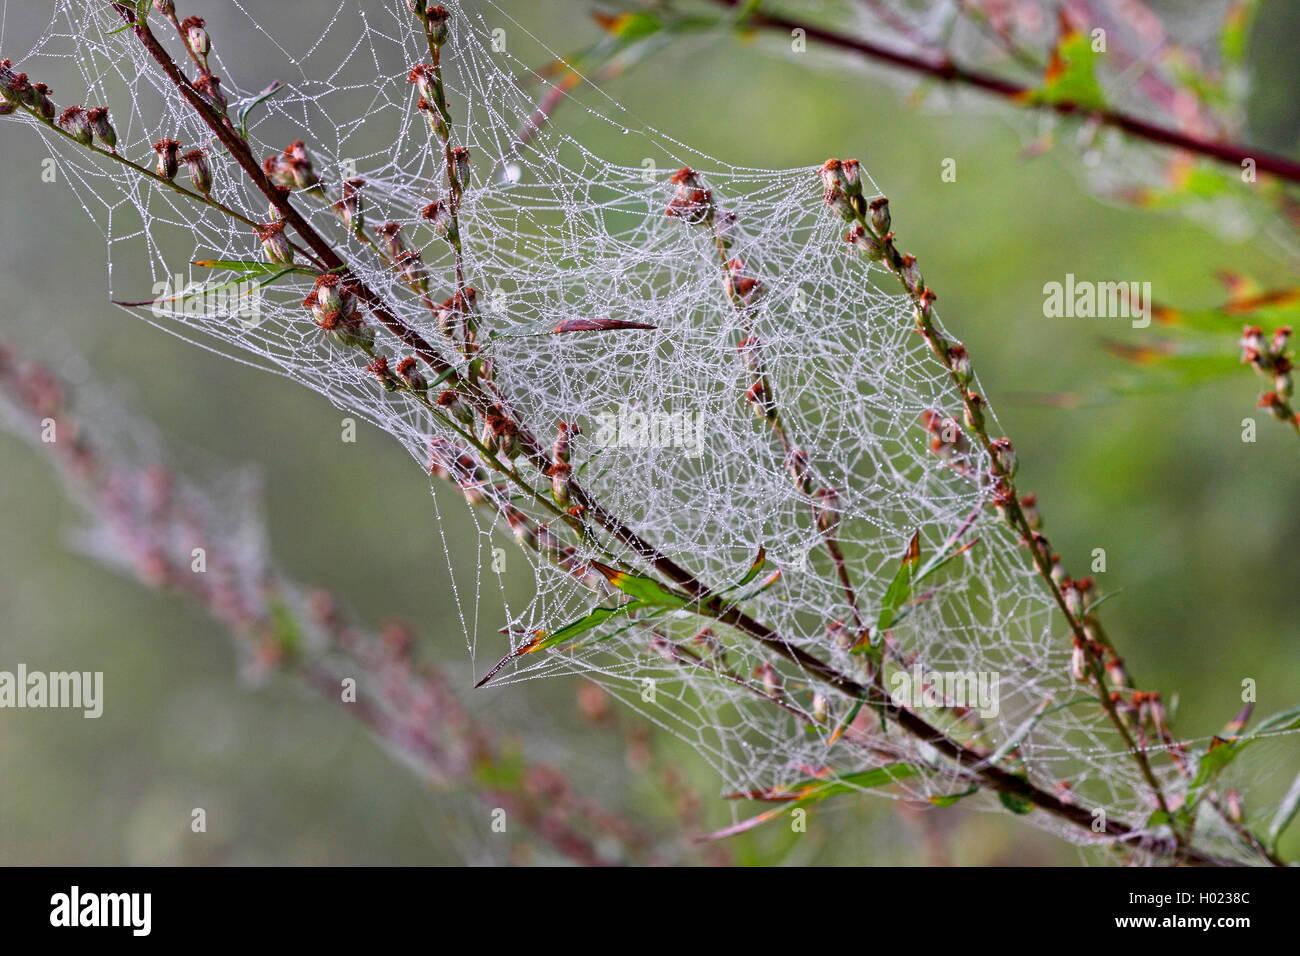 Kugelspinne, Haubennetzspinne (Theridiidae), Netz einer Kugelspinne an Beifuss, Deutschland | comb-footed spider, - Stock Image